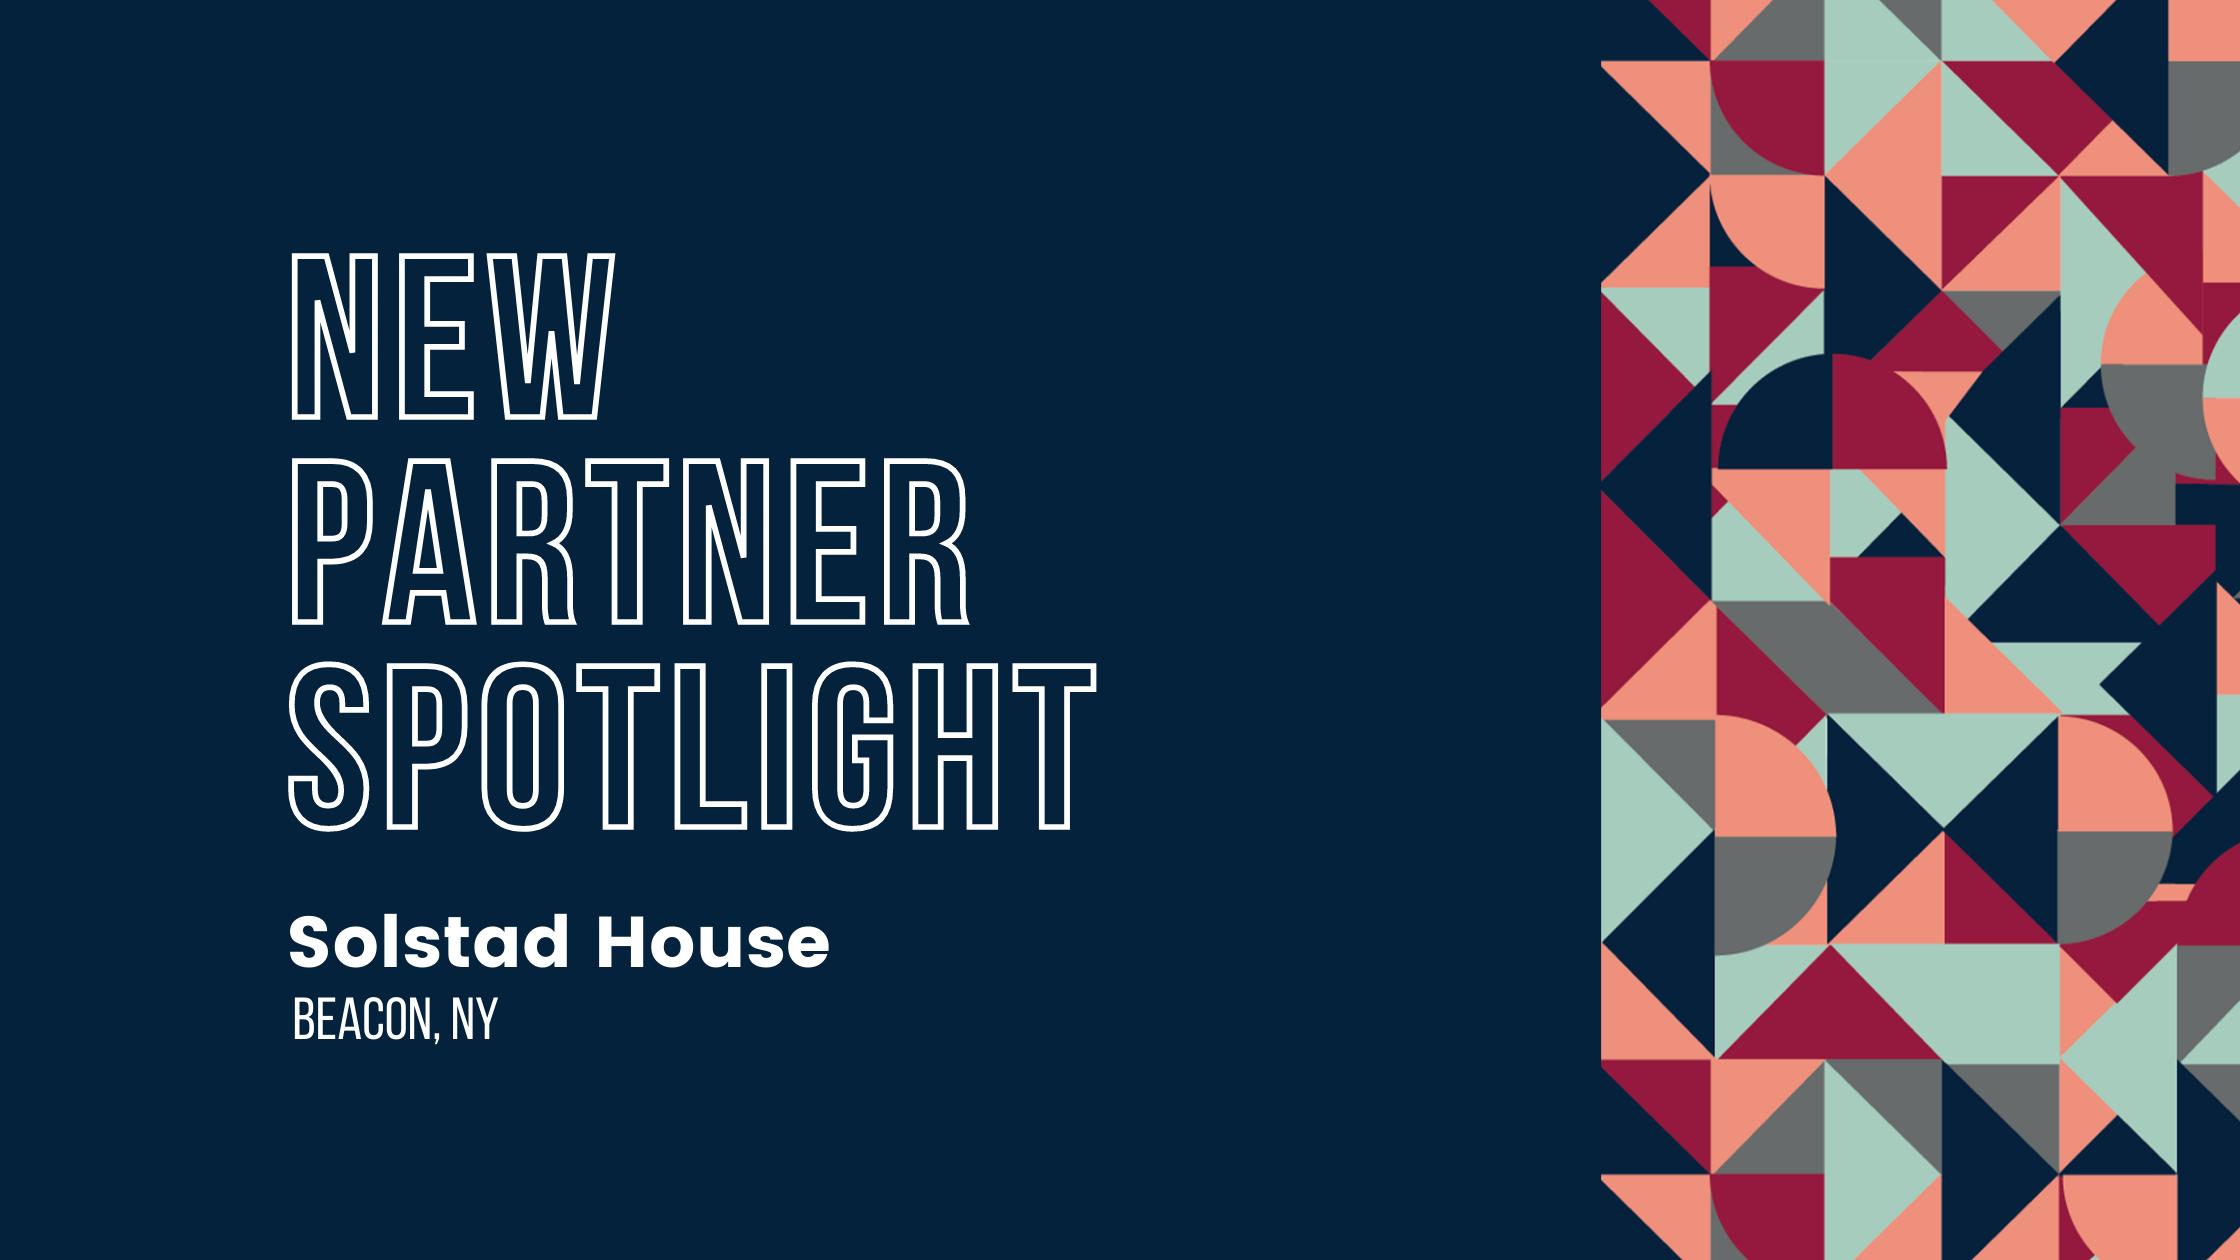 New Partner Spotlight Graphic